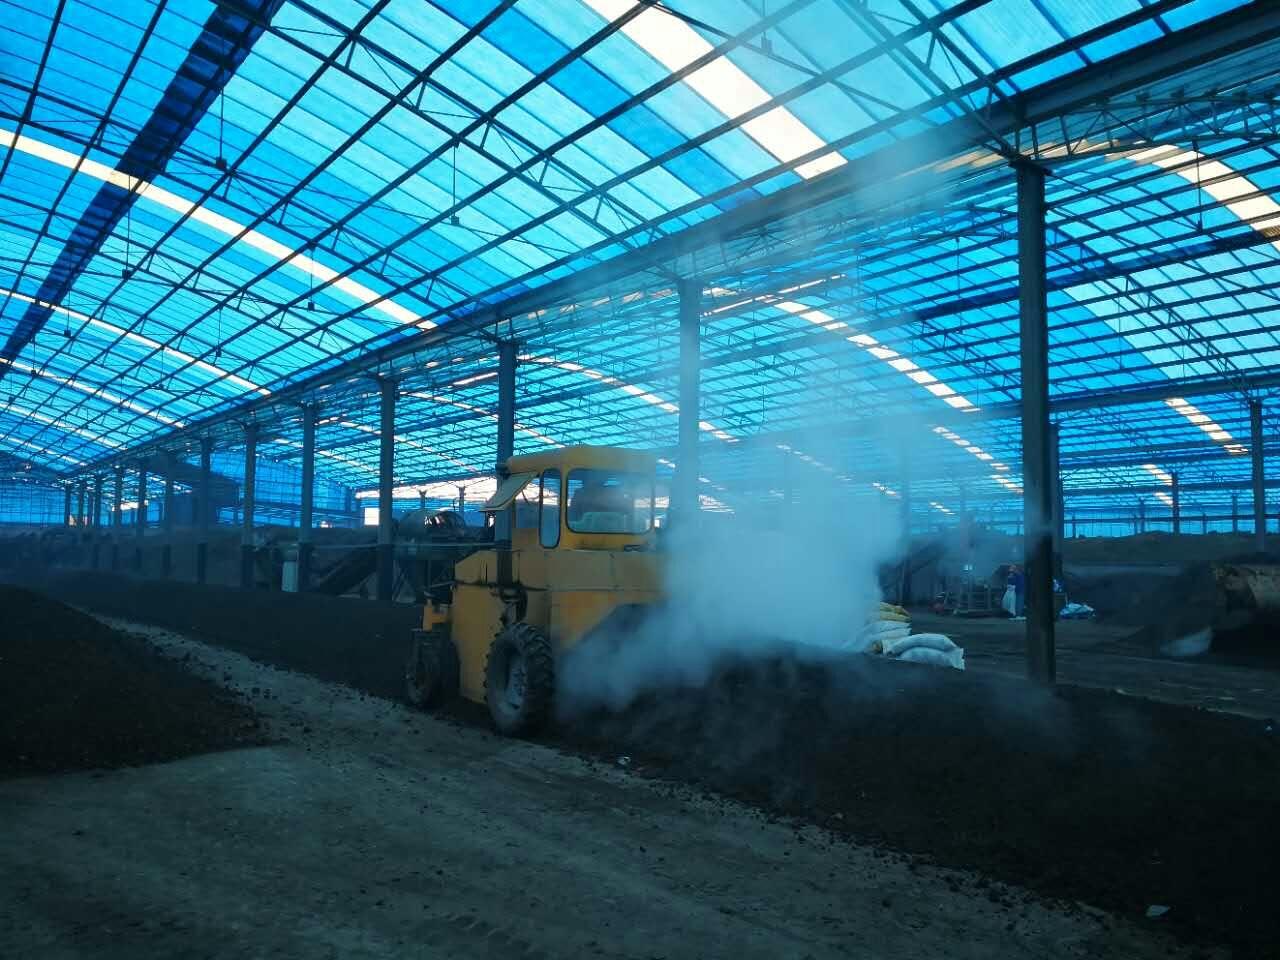 水果萝卜高产有机肥施用技术